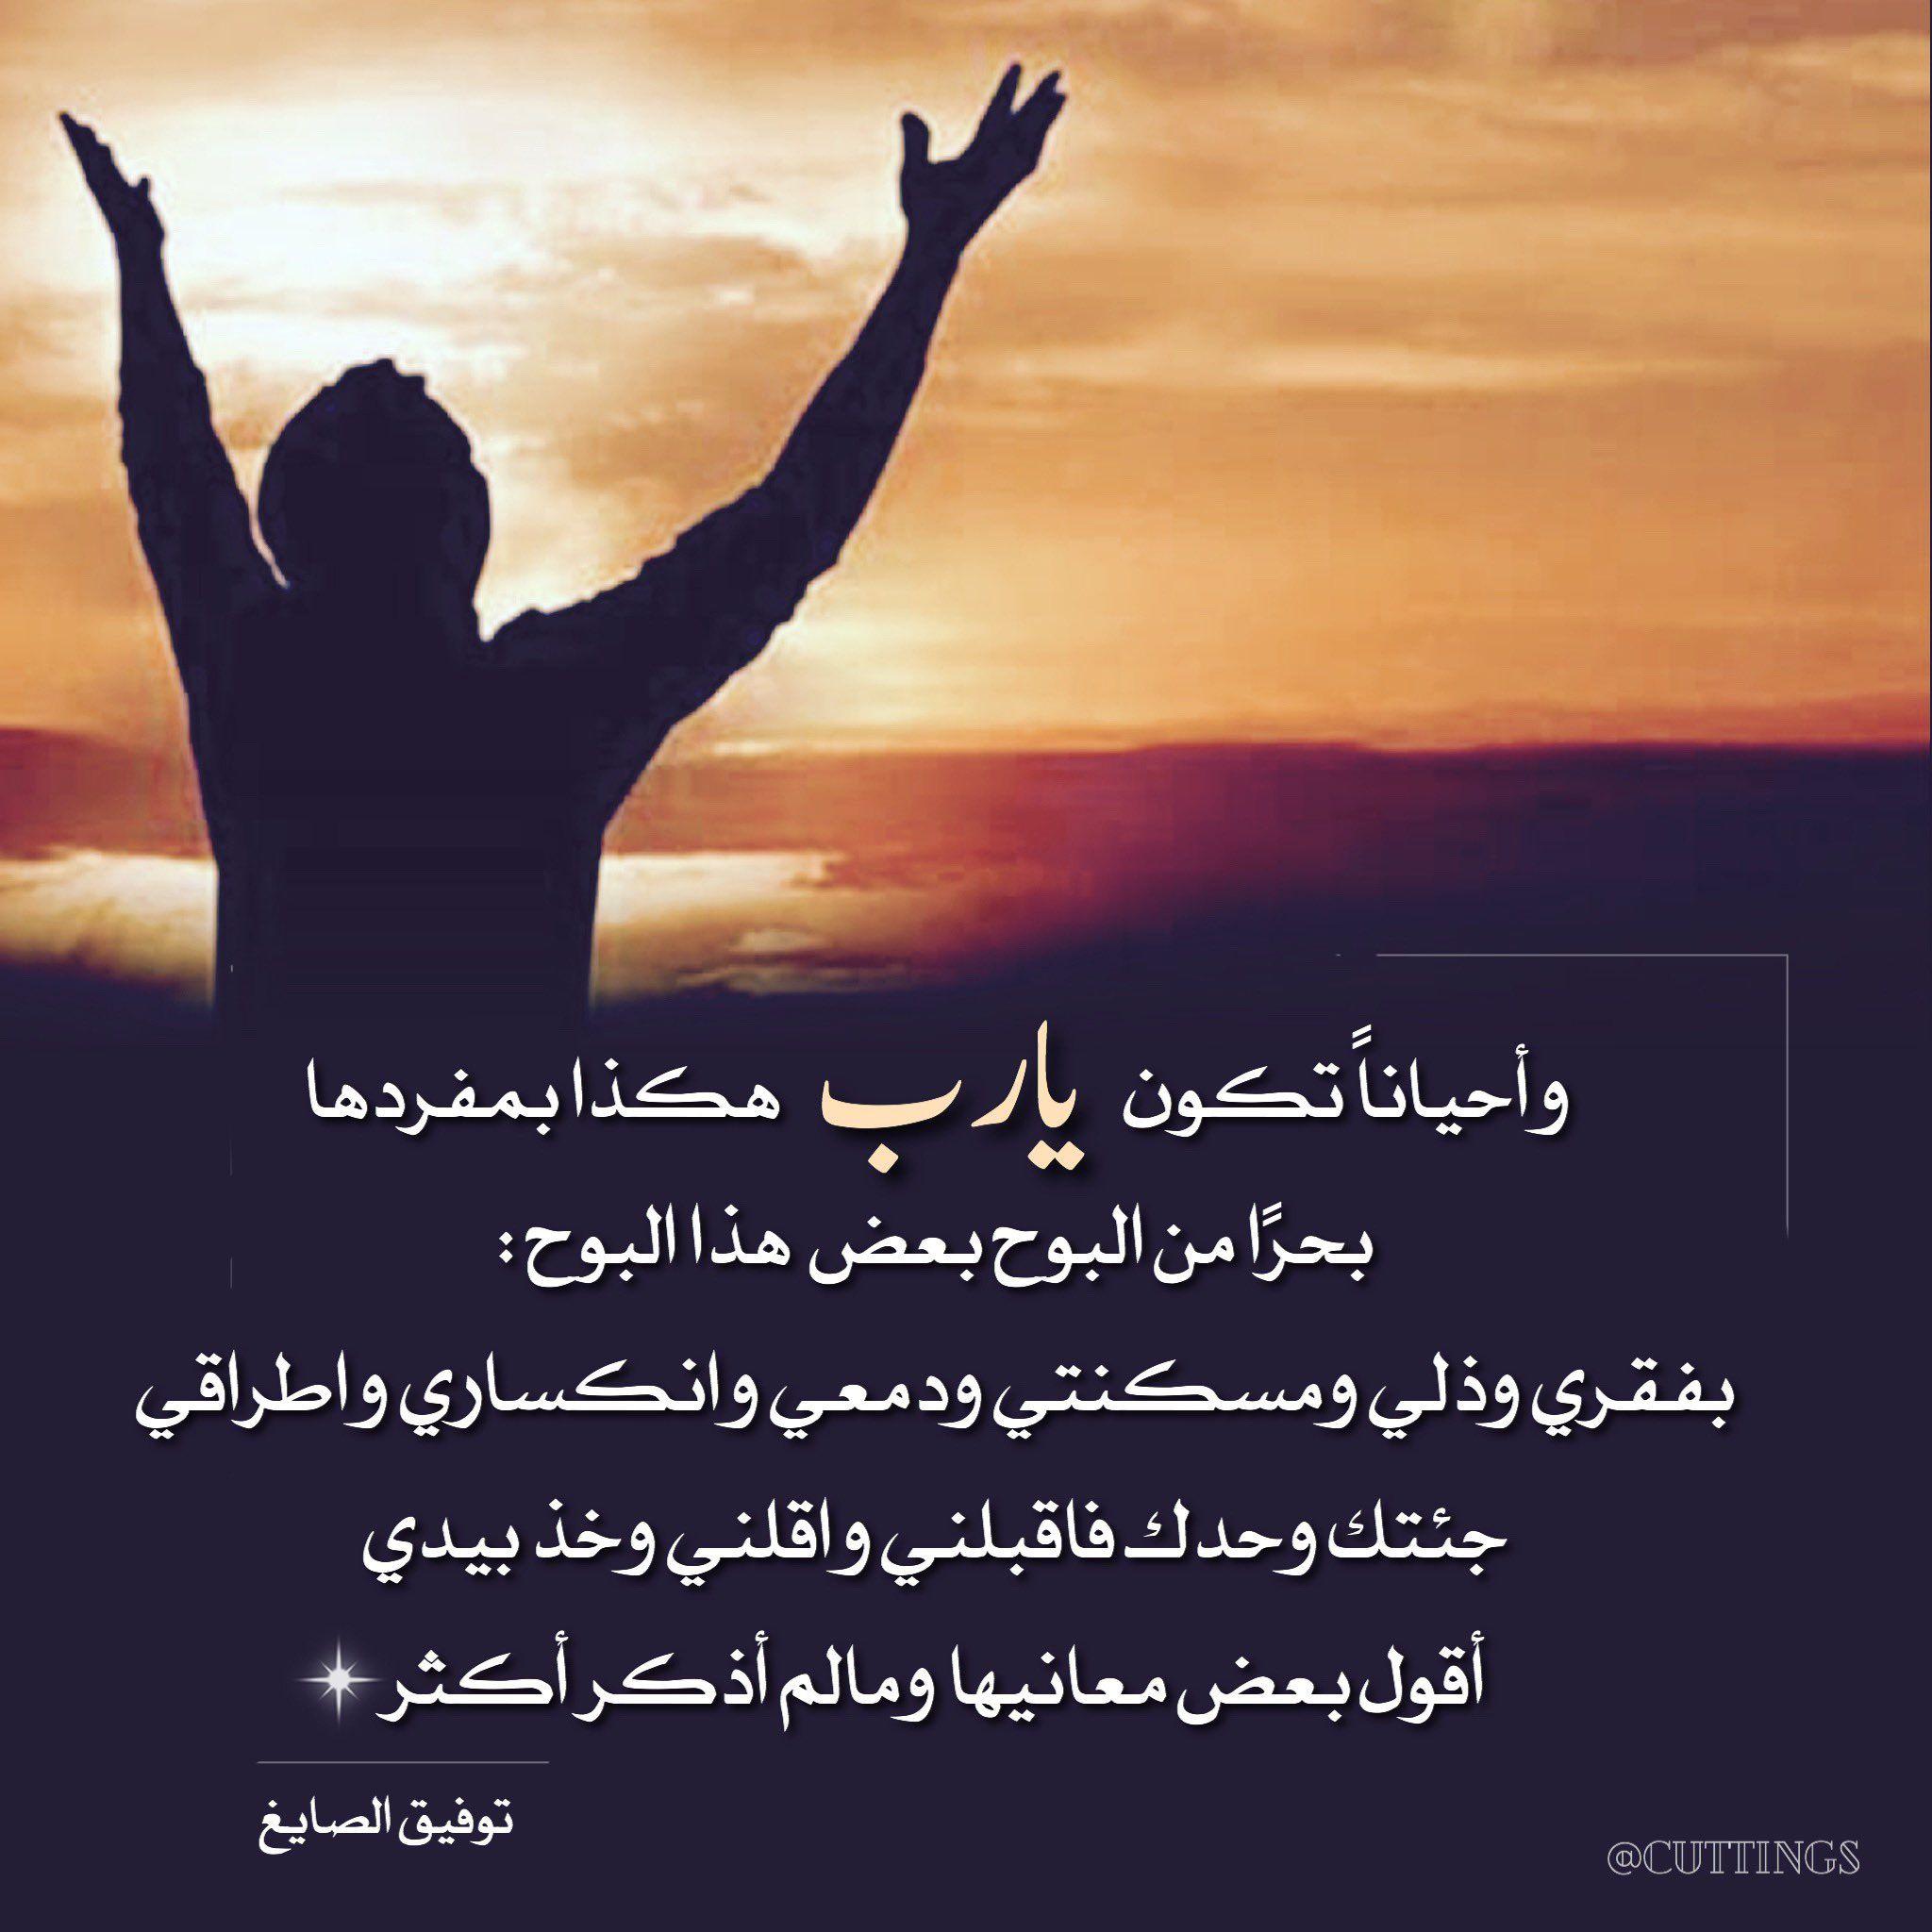 Pin By القيصر Abu Wesam On مقتبسات إسلامية Okay Gesture